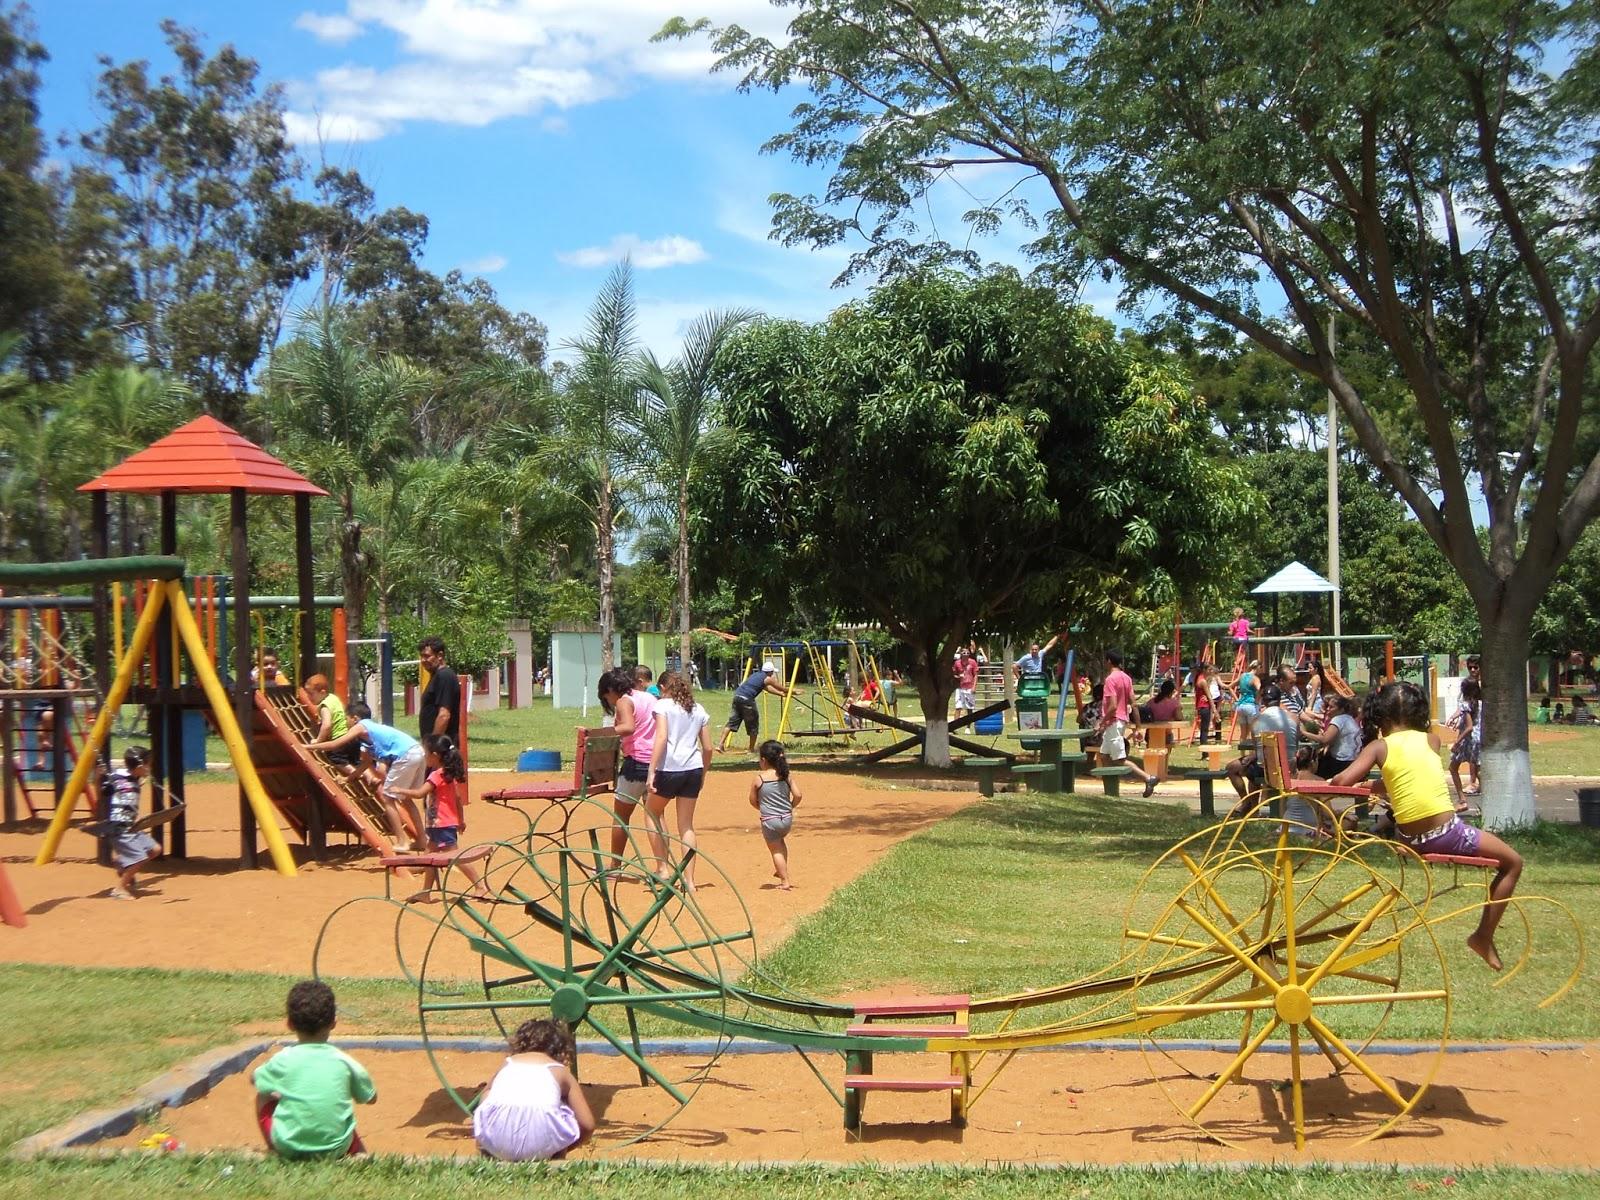 Crianças Se Divertindo No Parque: Ecológico, Sustentável E Feliz